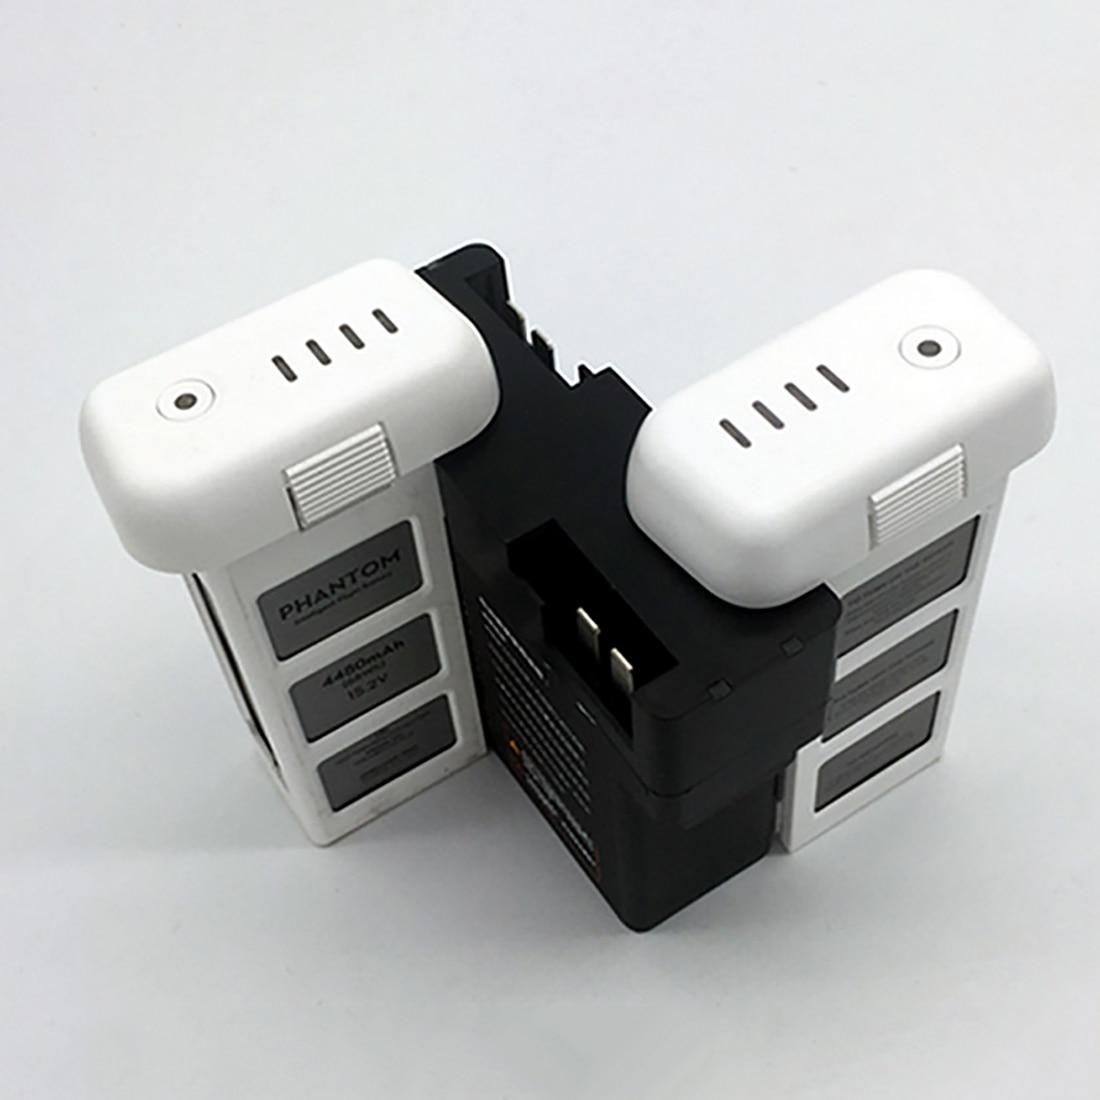 HOBBYINRC аккумуляторы Параллельді тез - Камера және фотосурет - фото 6